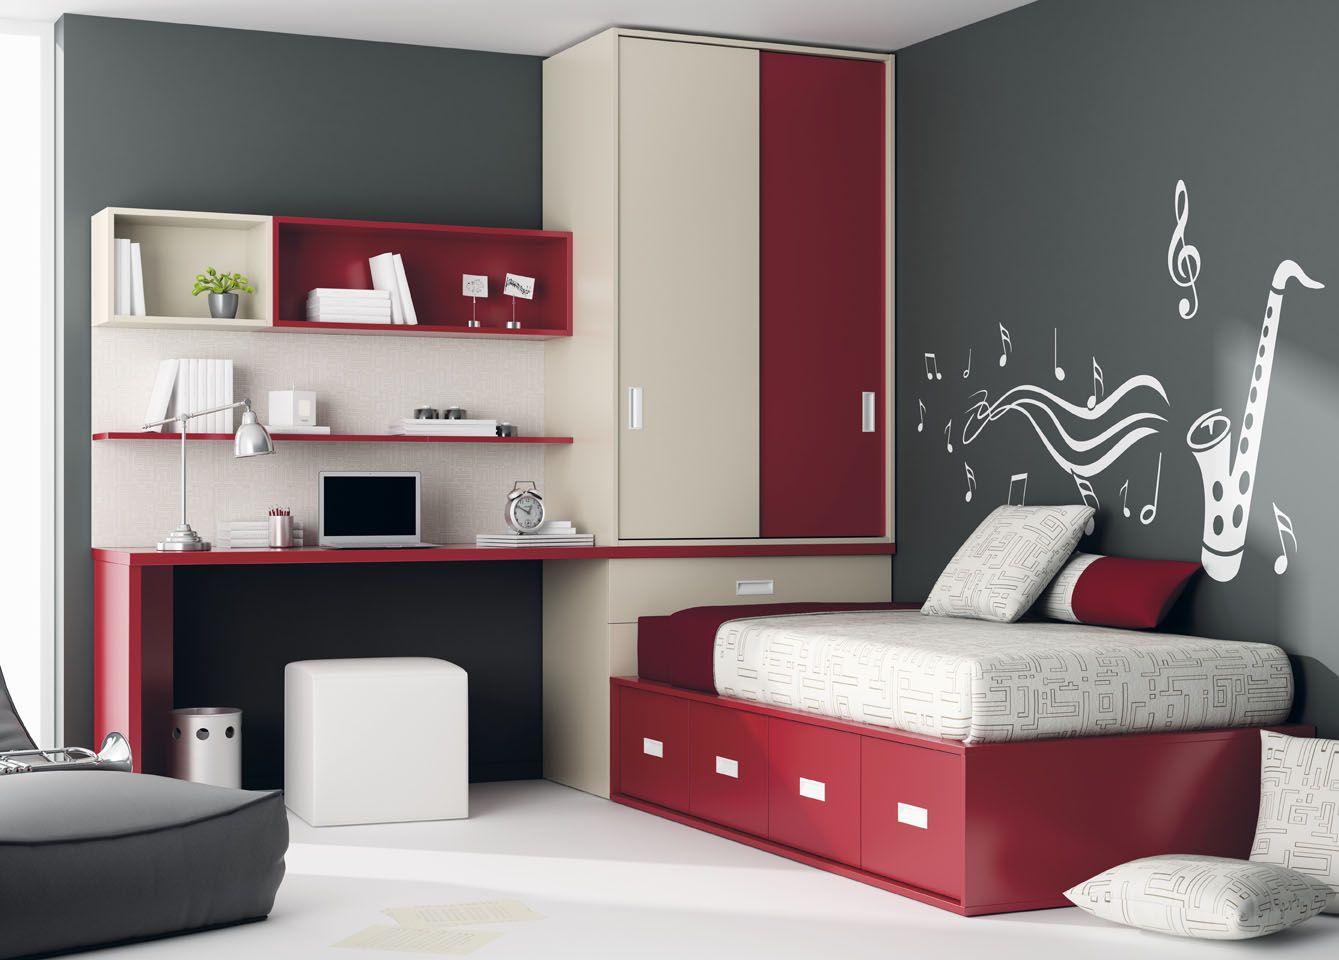 Habitaci n juvenil del cat logo de mueble juvenil kids for Catalogos habitaciones juveniles